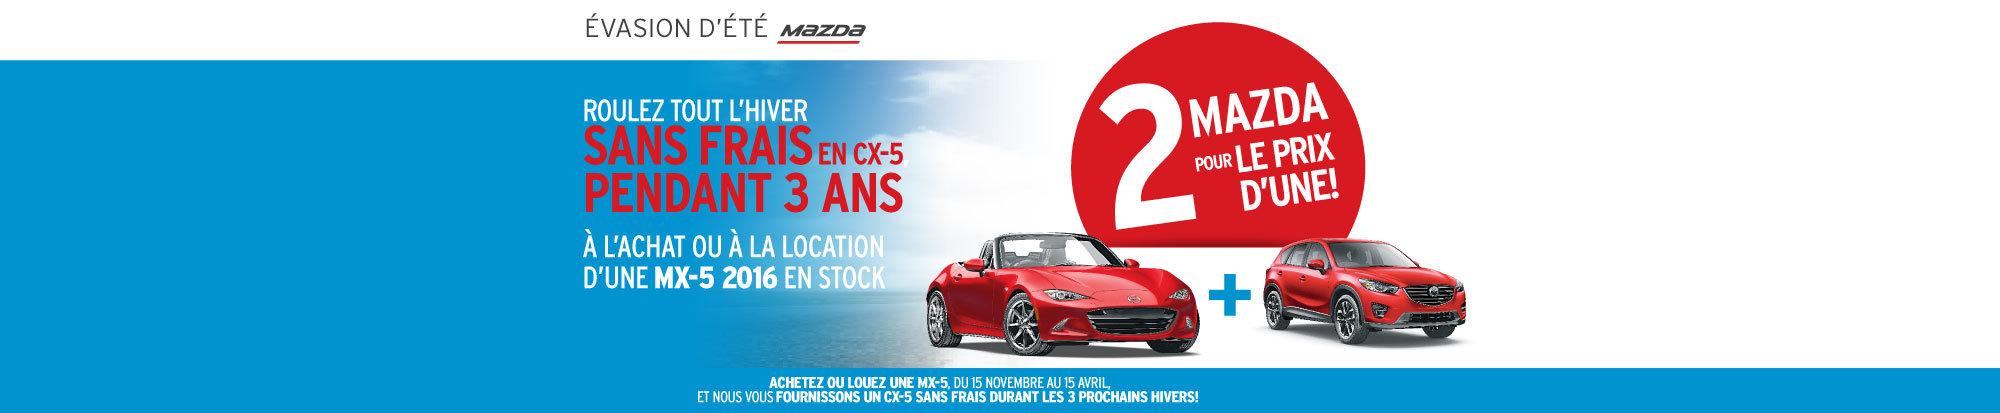 2 Mazda pour le prix d'une